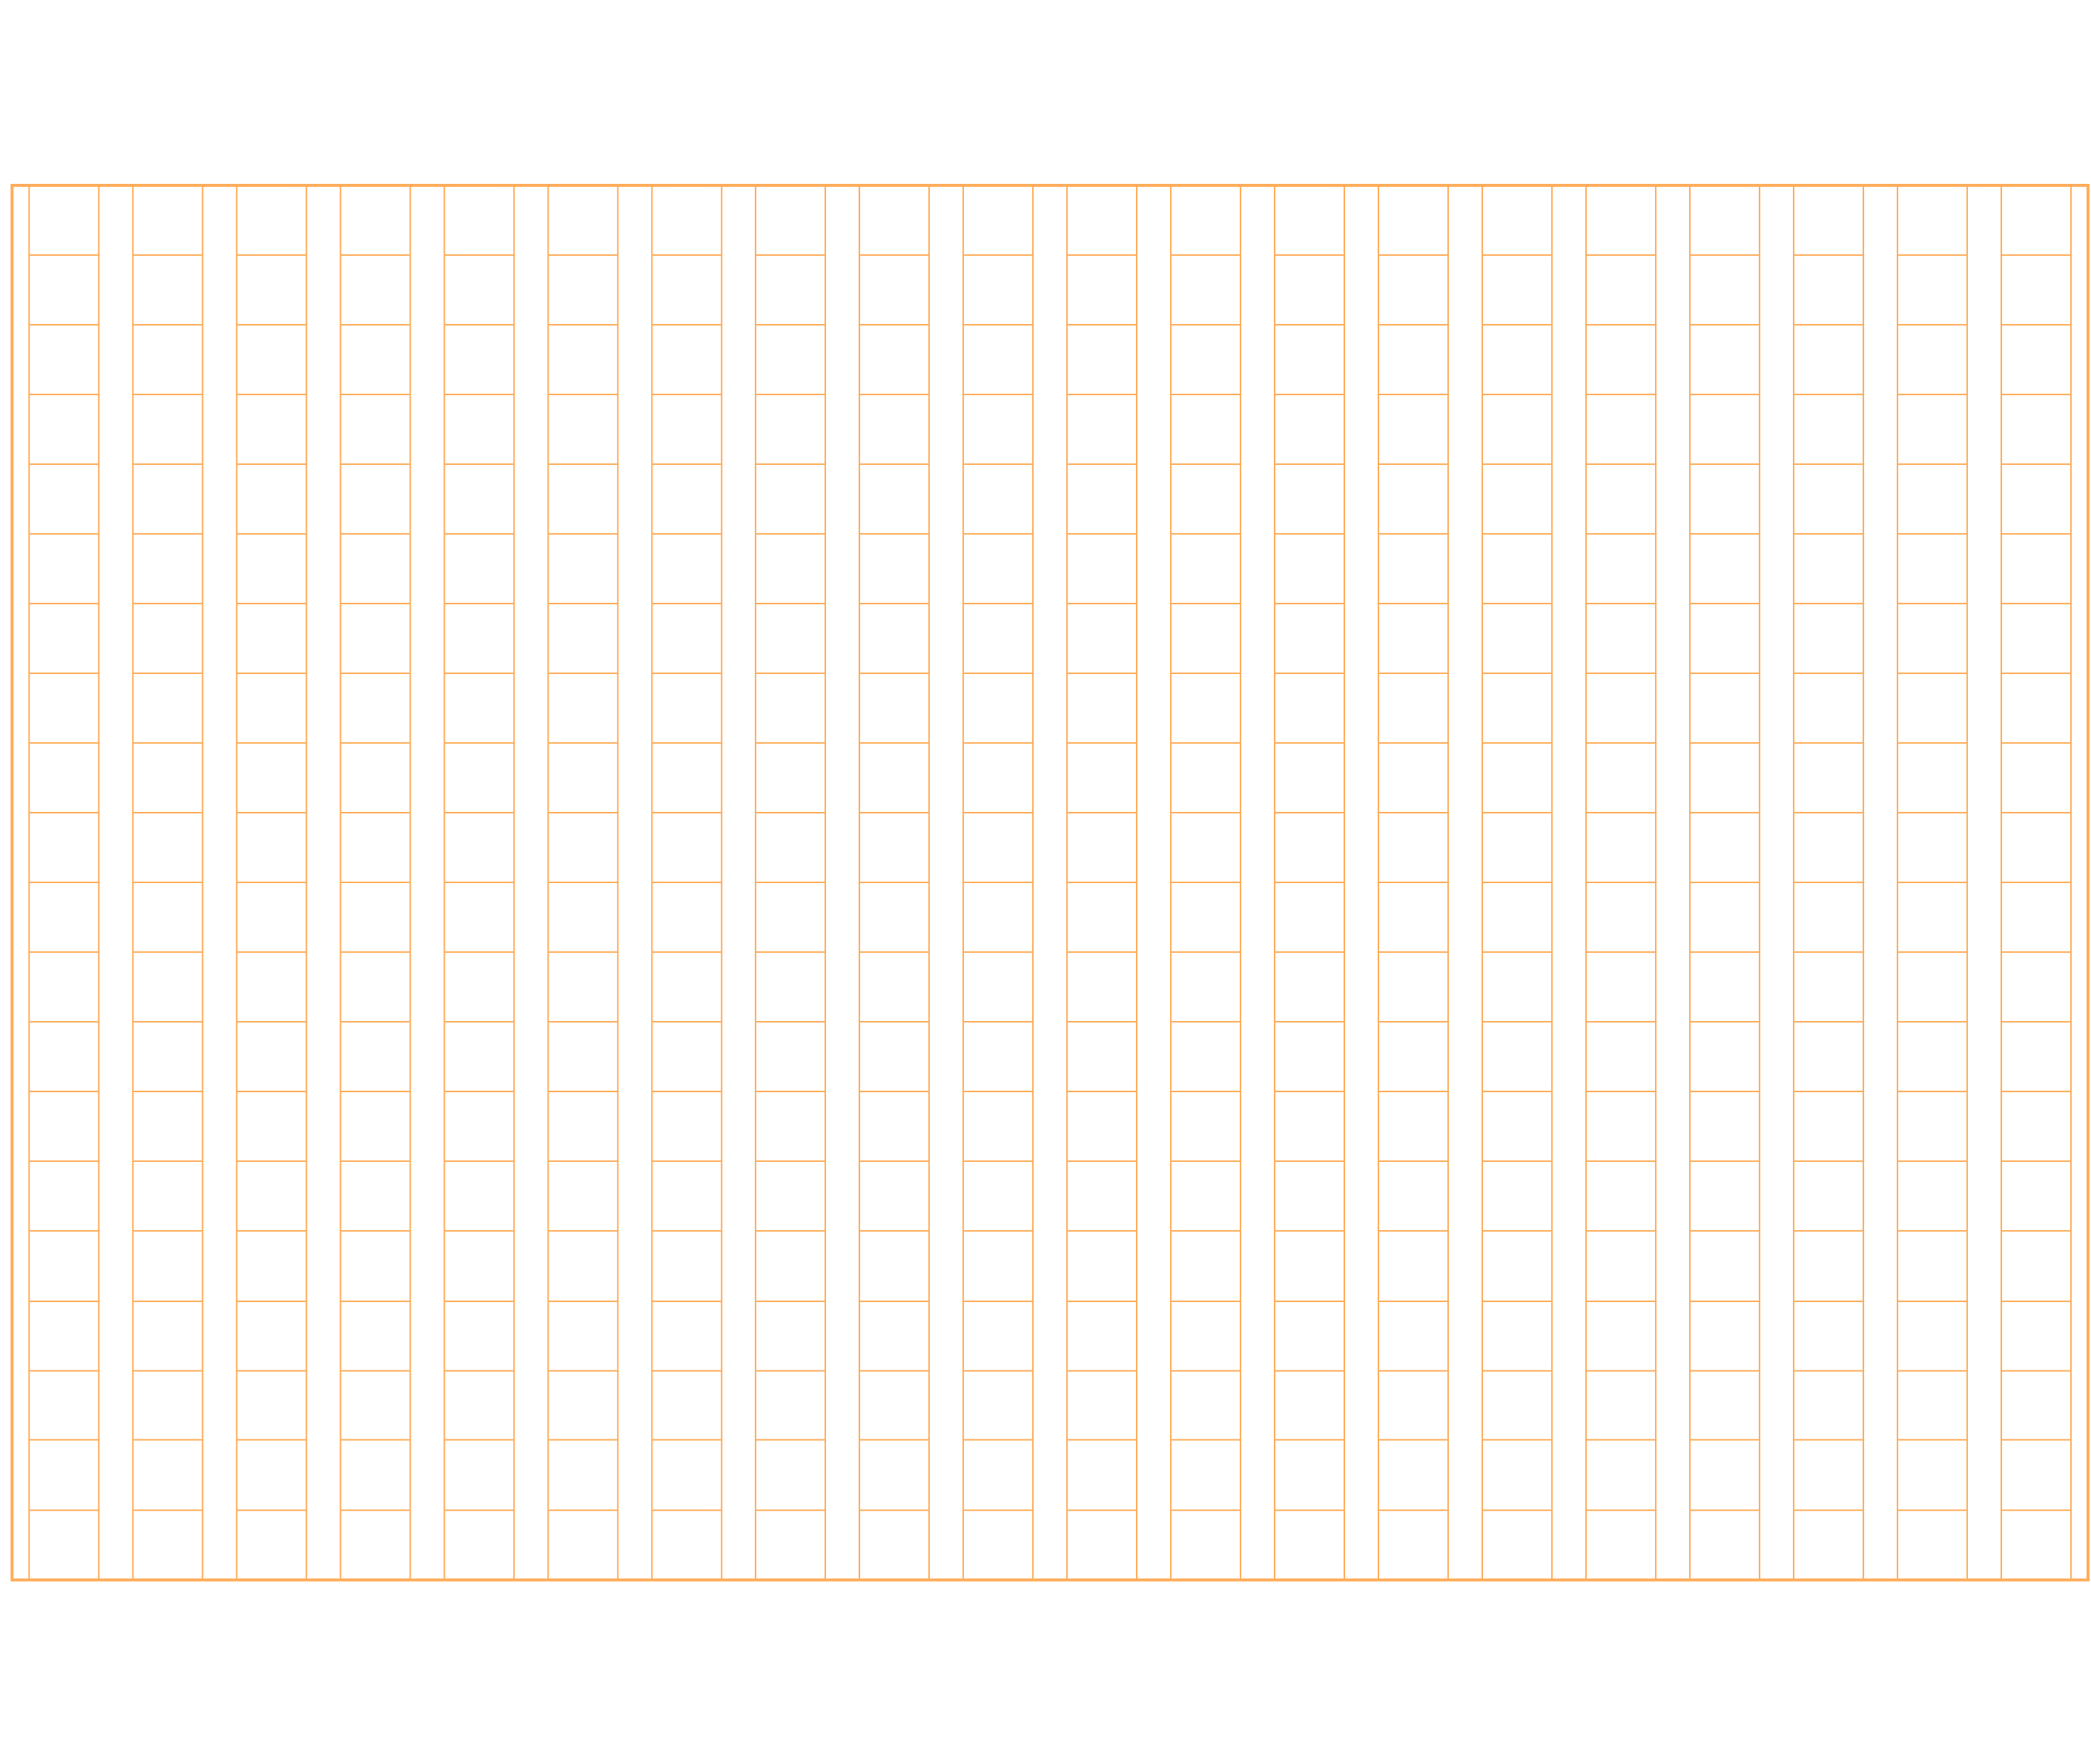 原稿用紙(400字縦書きA4横)